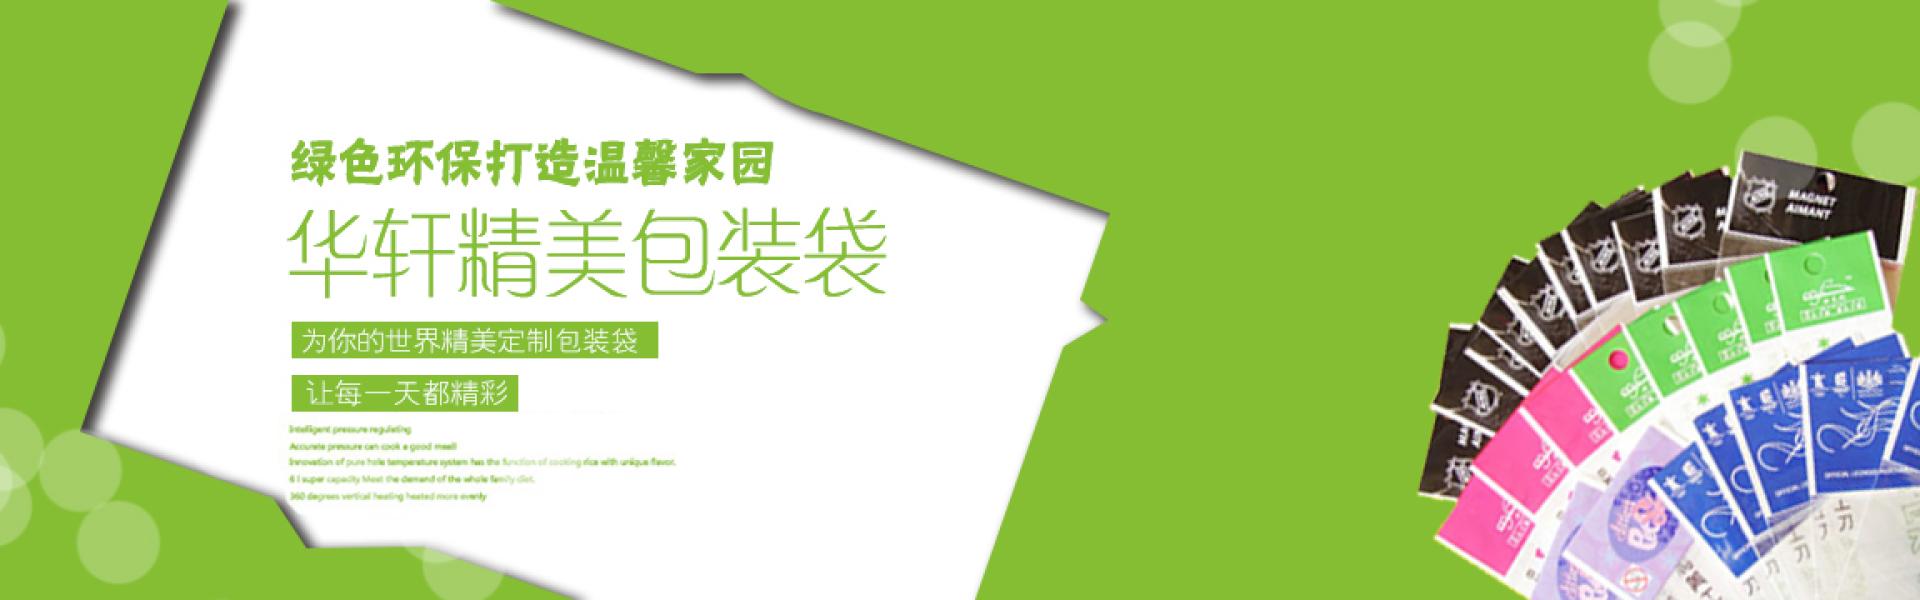 华轩塑料包装主要经营各行业所需的各种类型材(PP,PE,PO,PVC,OPP,NY,POF,PET或多层复合)的透明和彩色印刷的胶袋,塑料袋等产品!